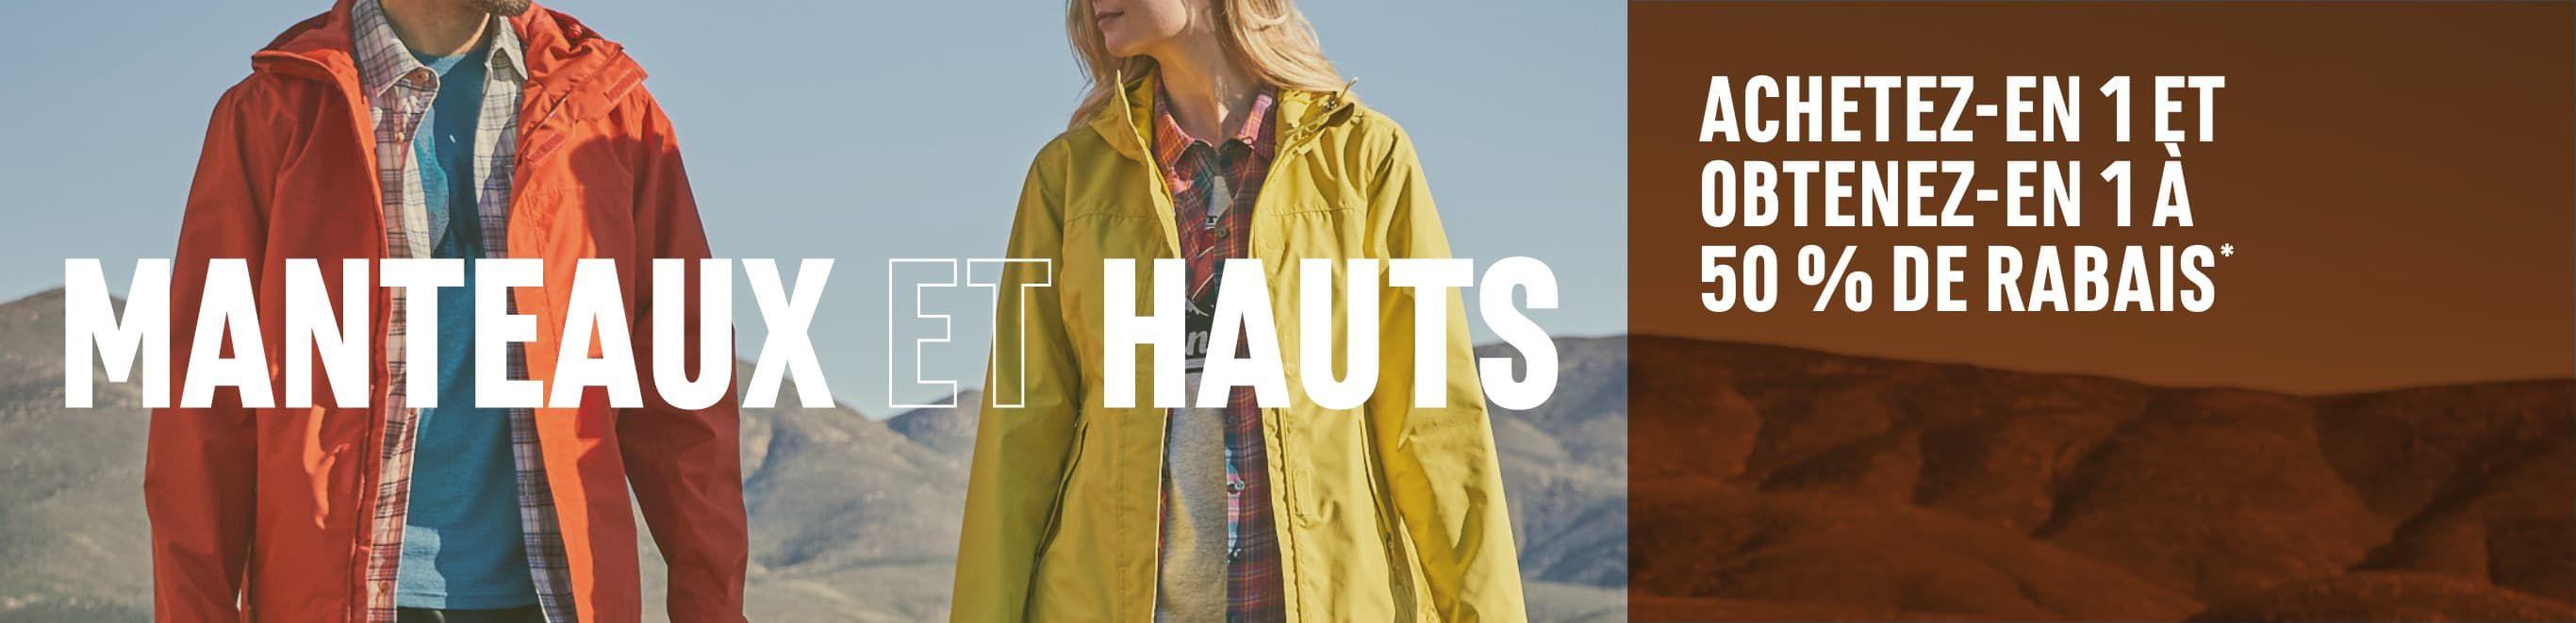 Nous vous avons tout ce dont vous avez besoin. Manteaux et hauts. Achetez-en 1 et obtenez-en 1 à 50 % de rabais*